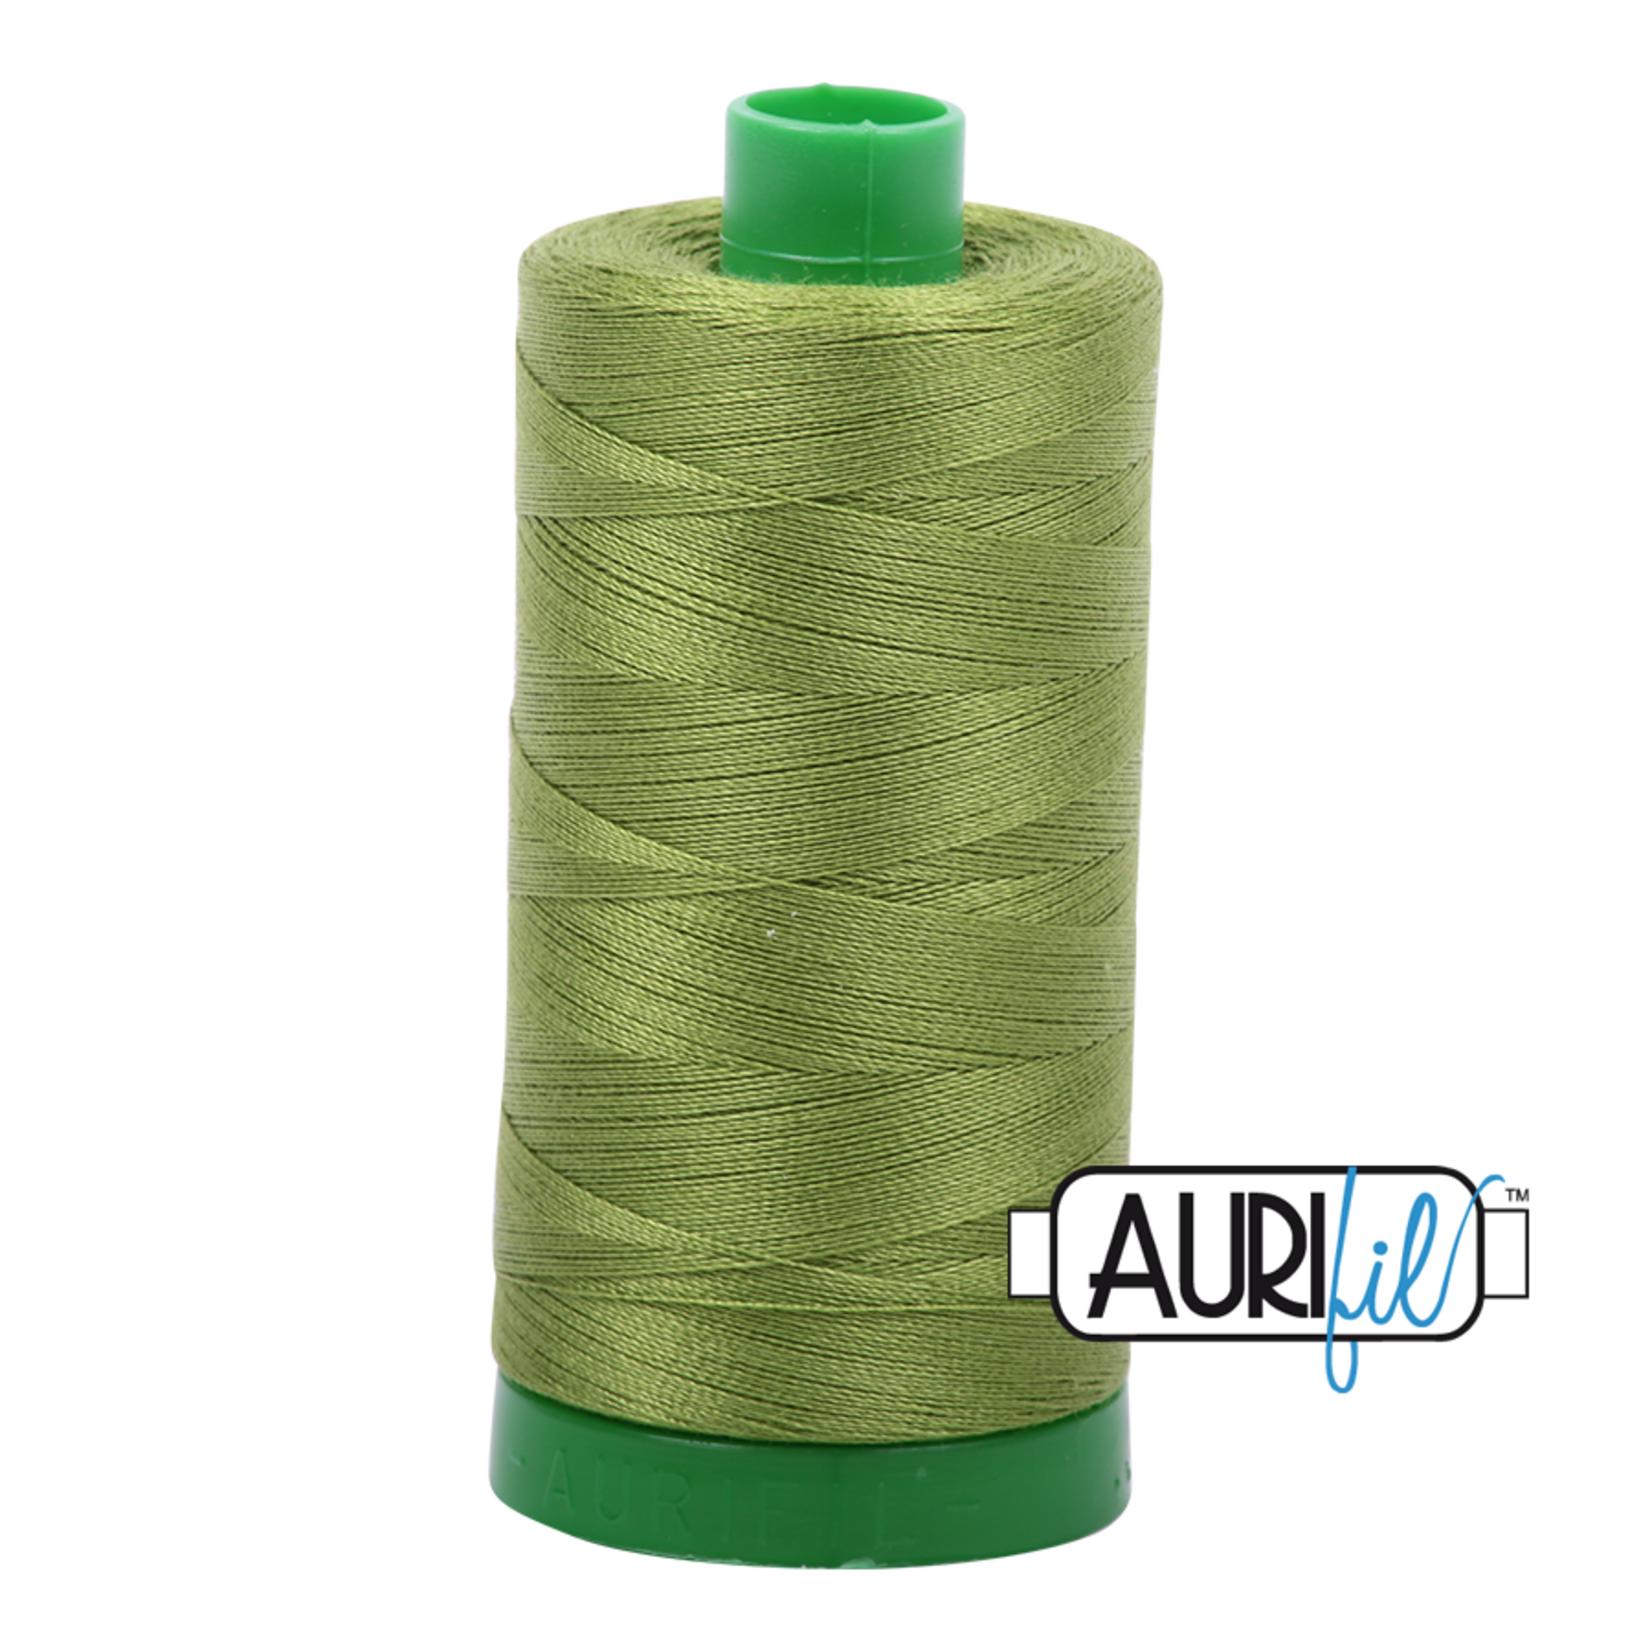 AURIFIL AURIFIL 40 WT Fern Green 2888